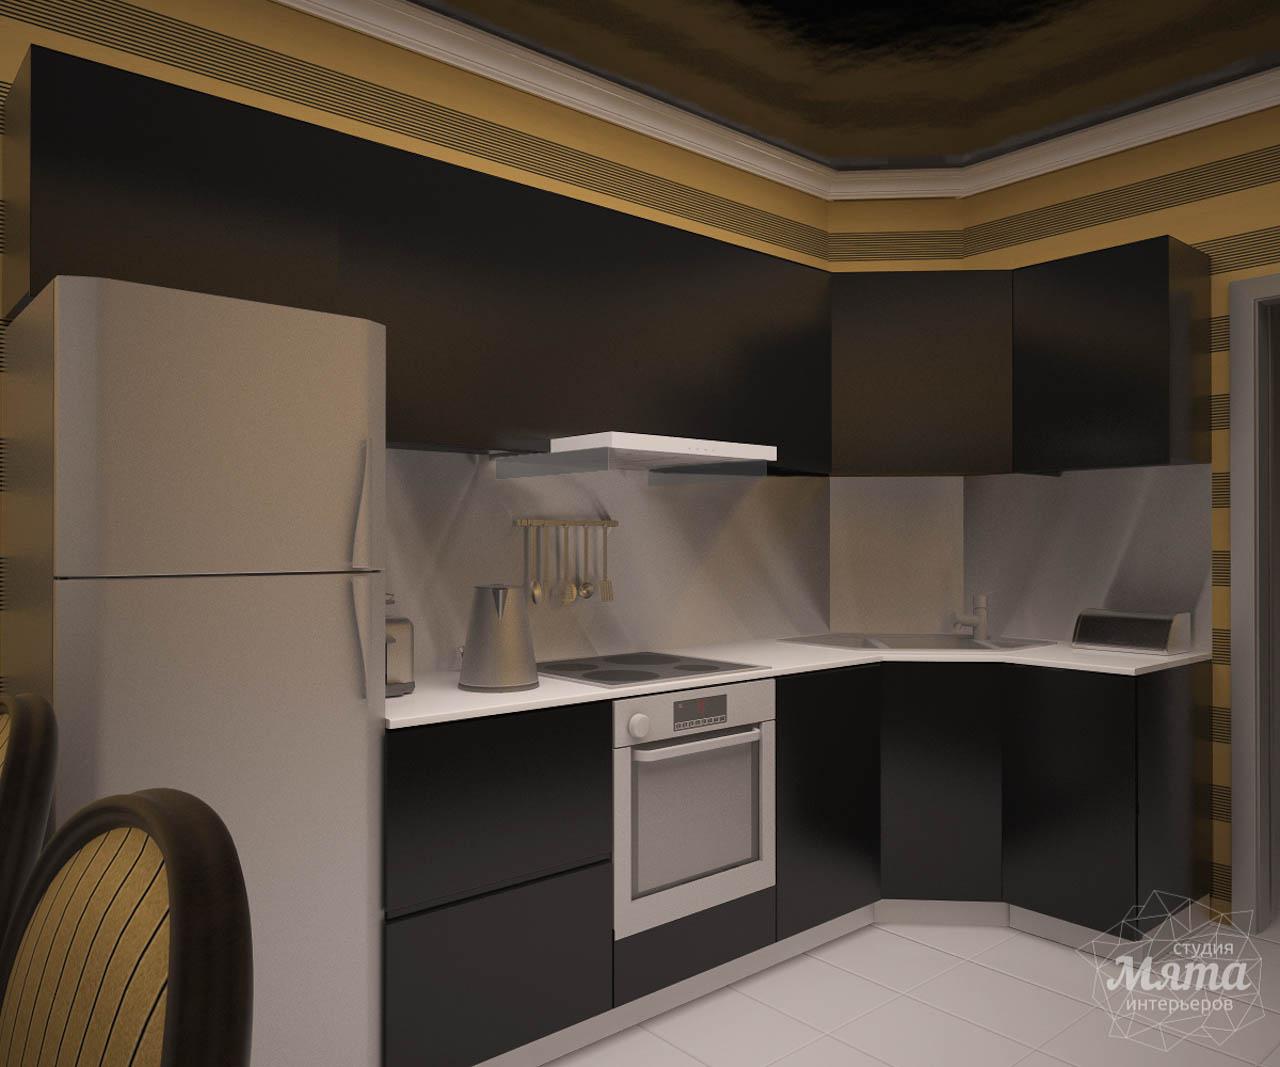 Дизайн интерьера однокомнатной квартиры по ул. Посадская 34 img812930218